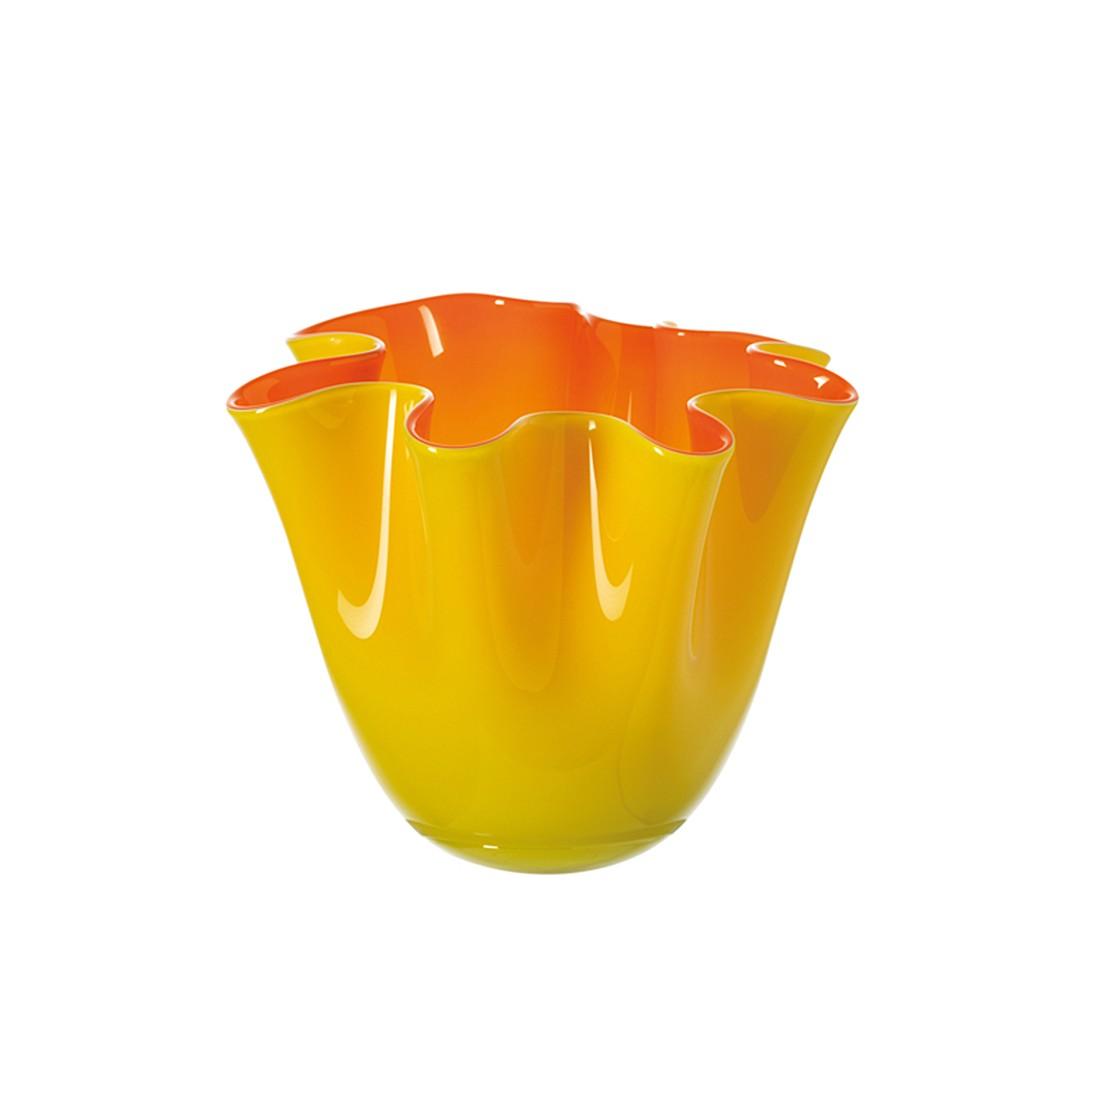 Vase Lia – 14,5 cm – Orange, Rot, Leonardo bestellen